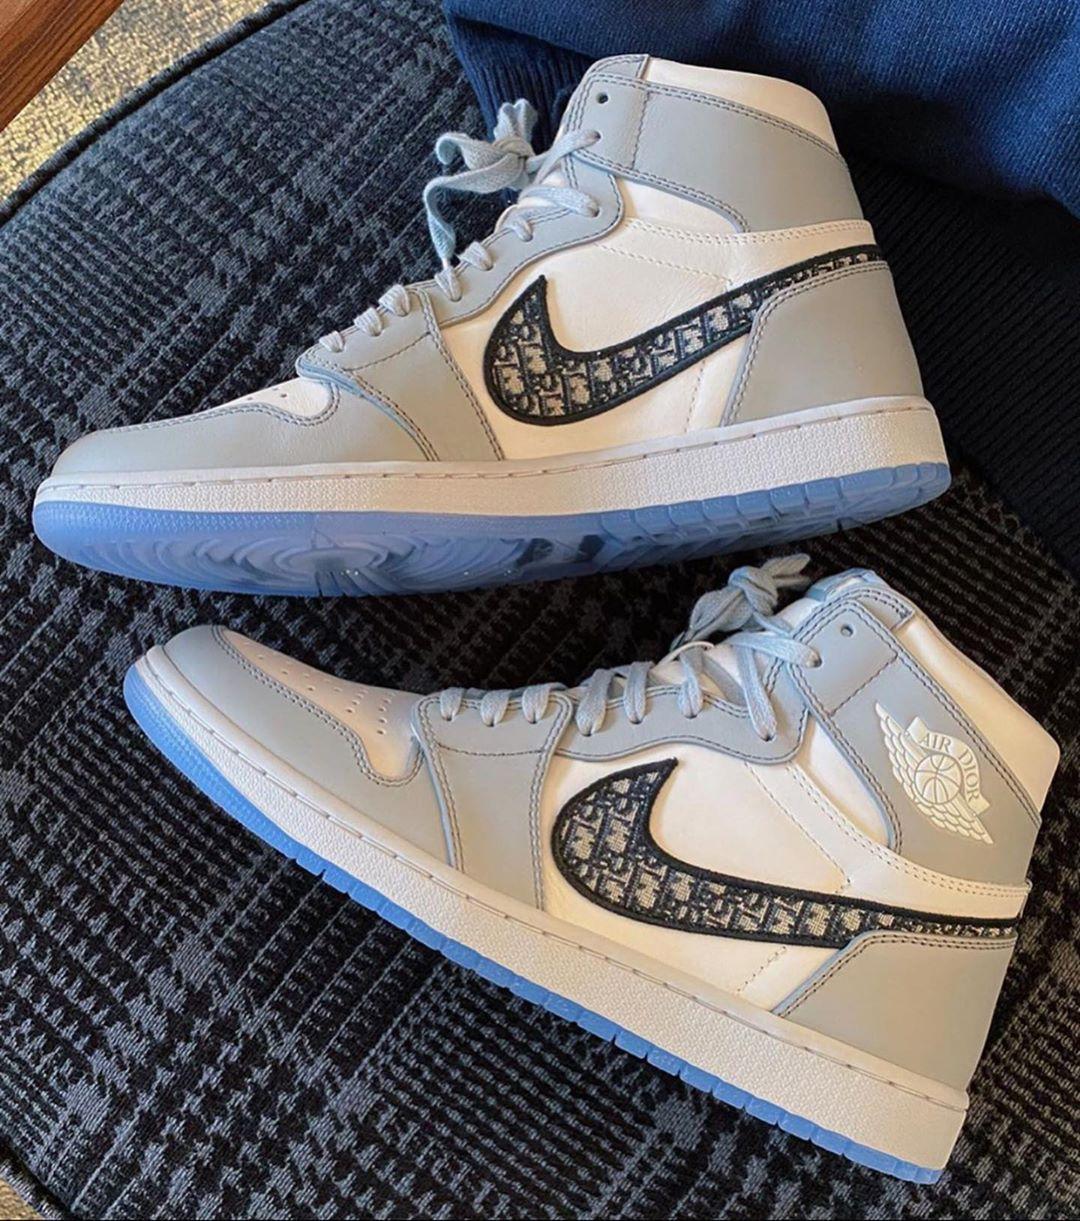 Dior,AJ1,Air Jordan 1,CN8607-0  Dior x AJ1 疑似鞋盒首次曝光!太讓人失望了!